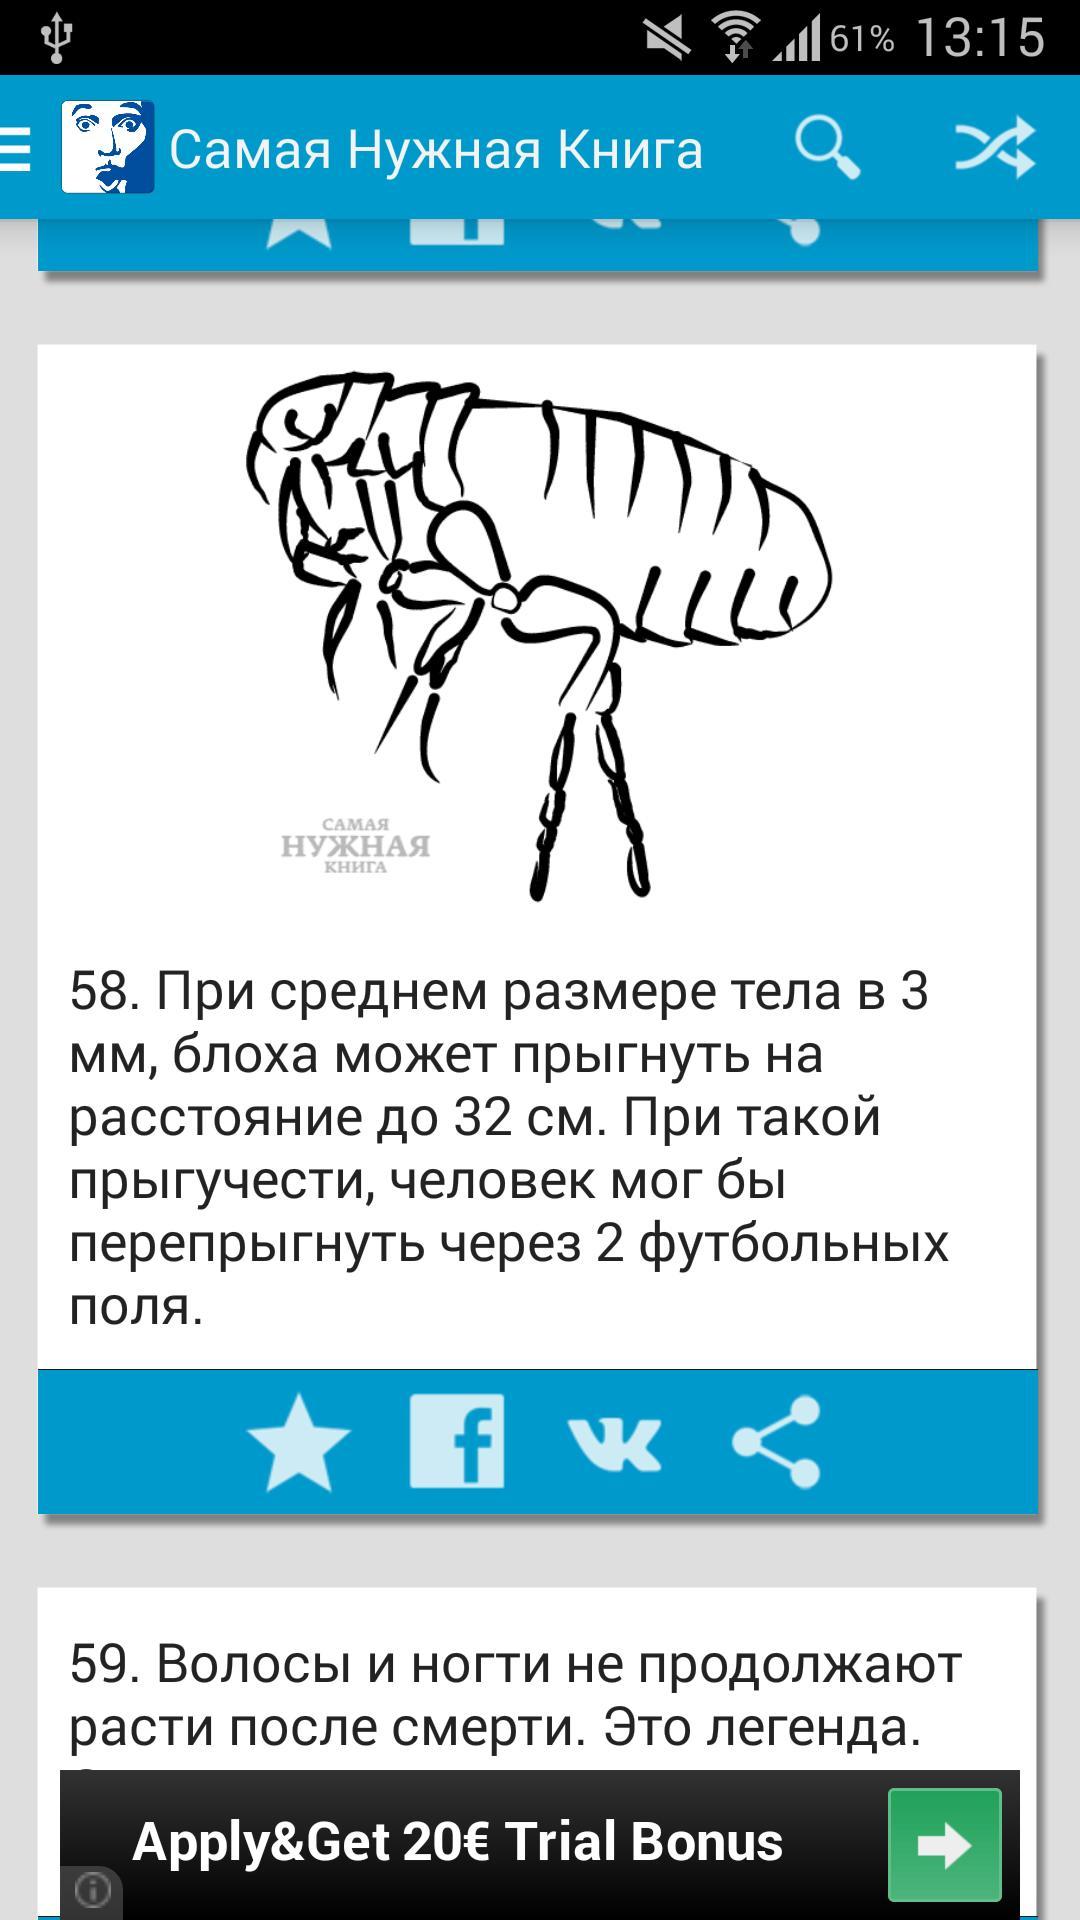 Скачать Самая Нужная Книга на Андроид screen 2